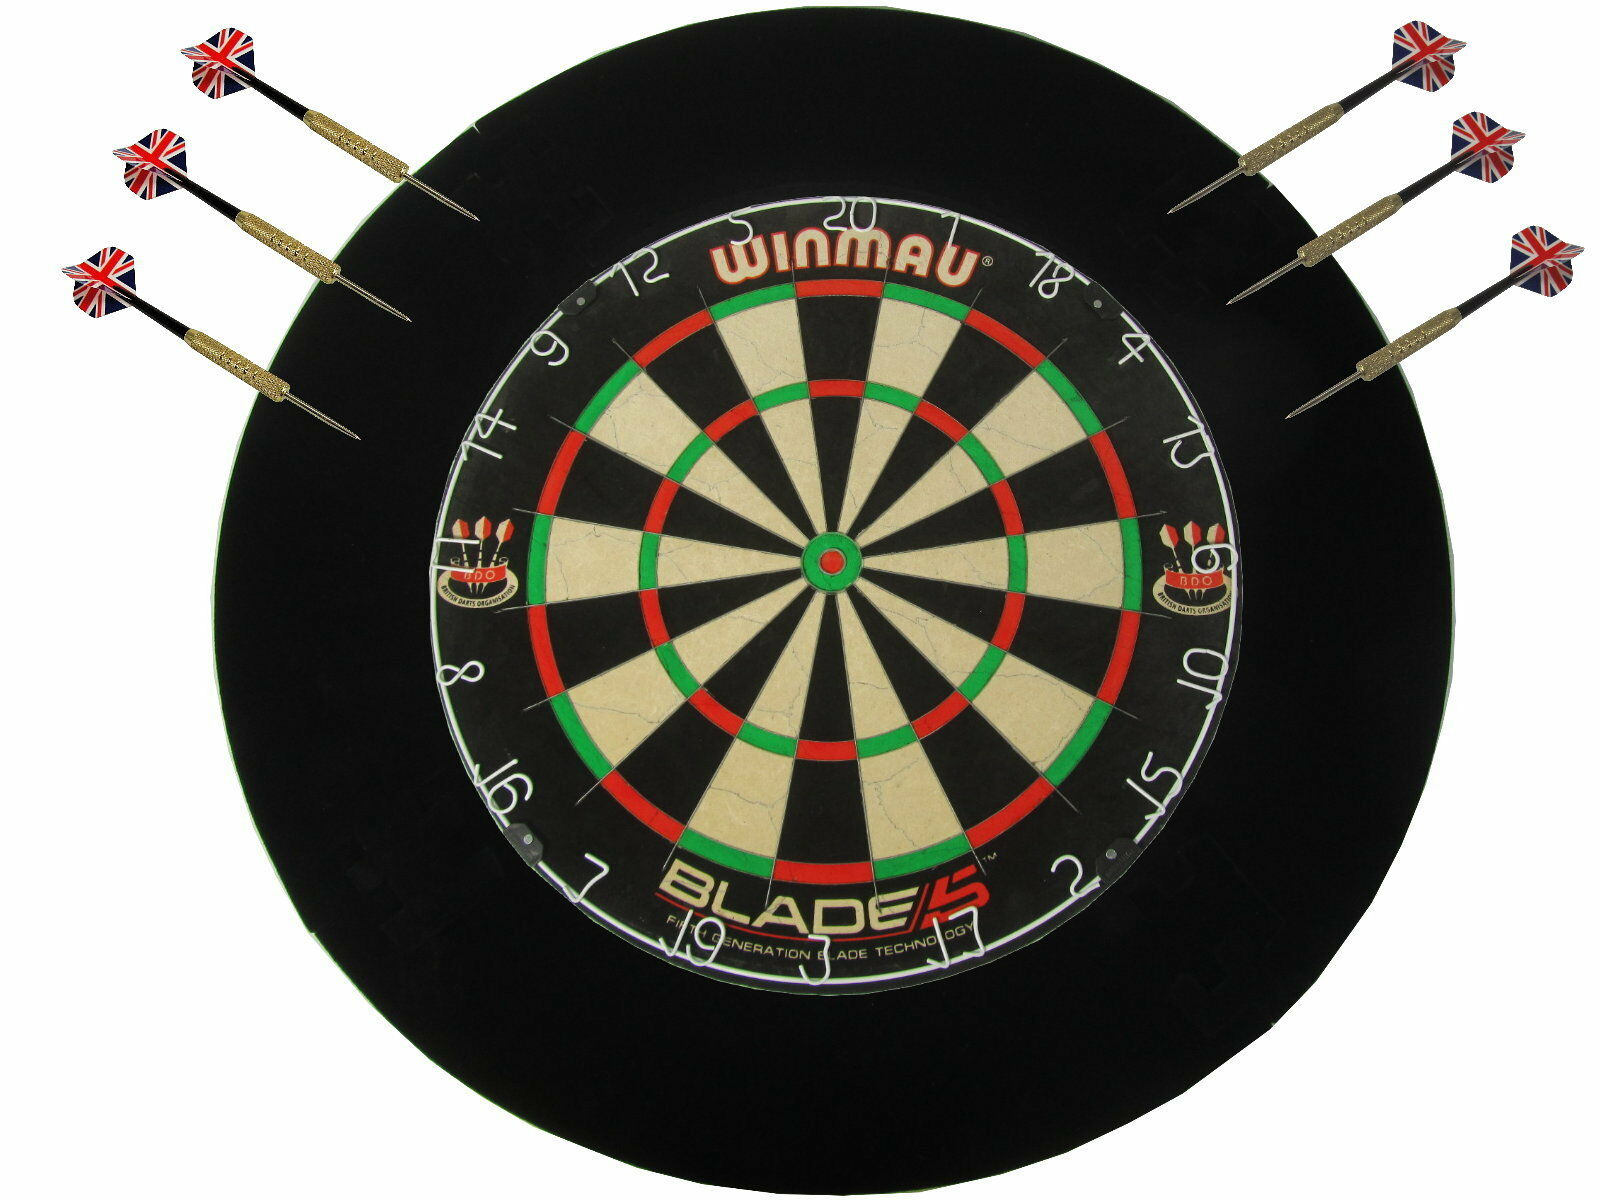 Winmau Blade 5 Dartscheiben Darts Steeldarts original 6 Pfeilen + Catchring